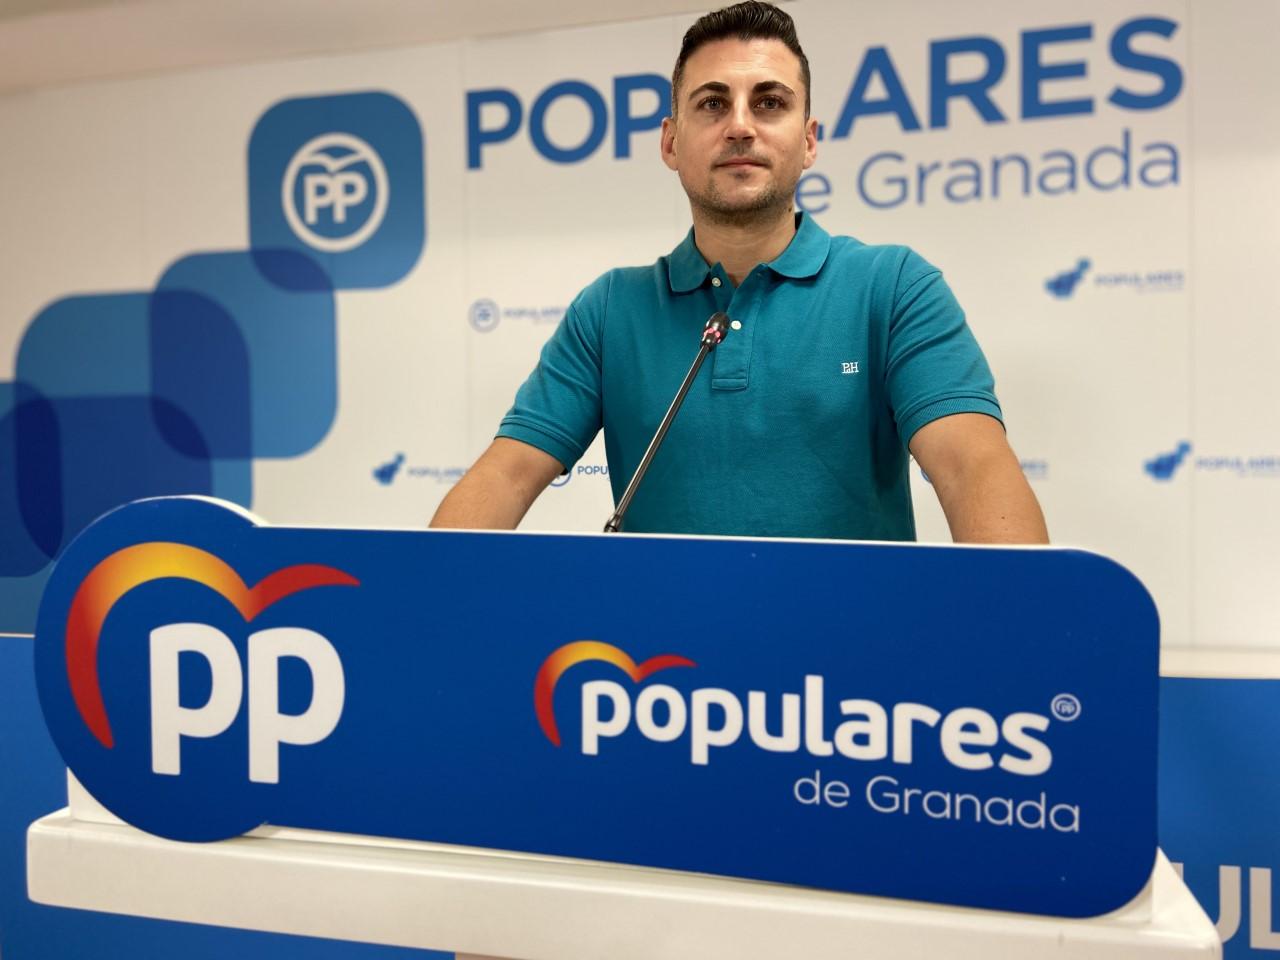 El PP destaca el impulso del Gobierno Andaluz al emprendimiento con más de 1,3 millones para la modernización de pymes